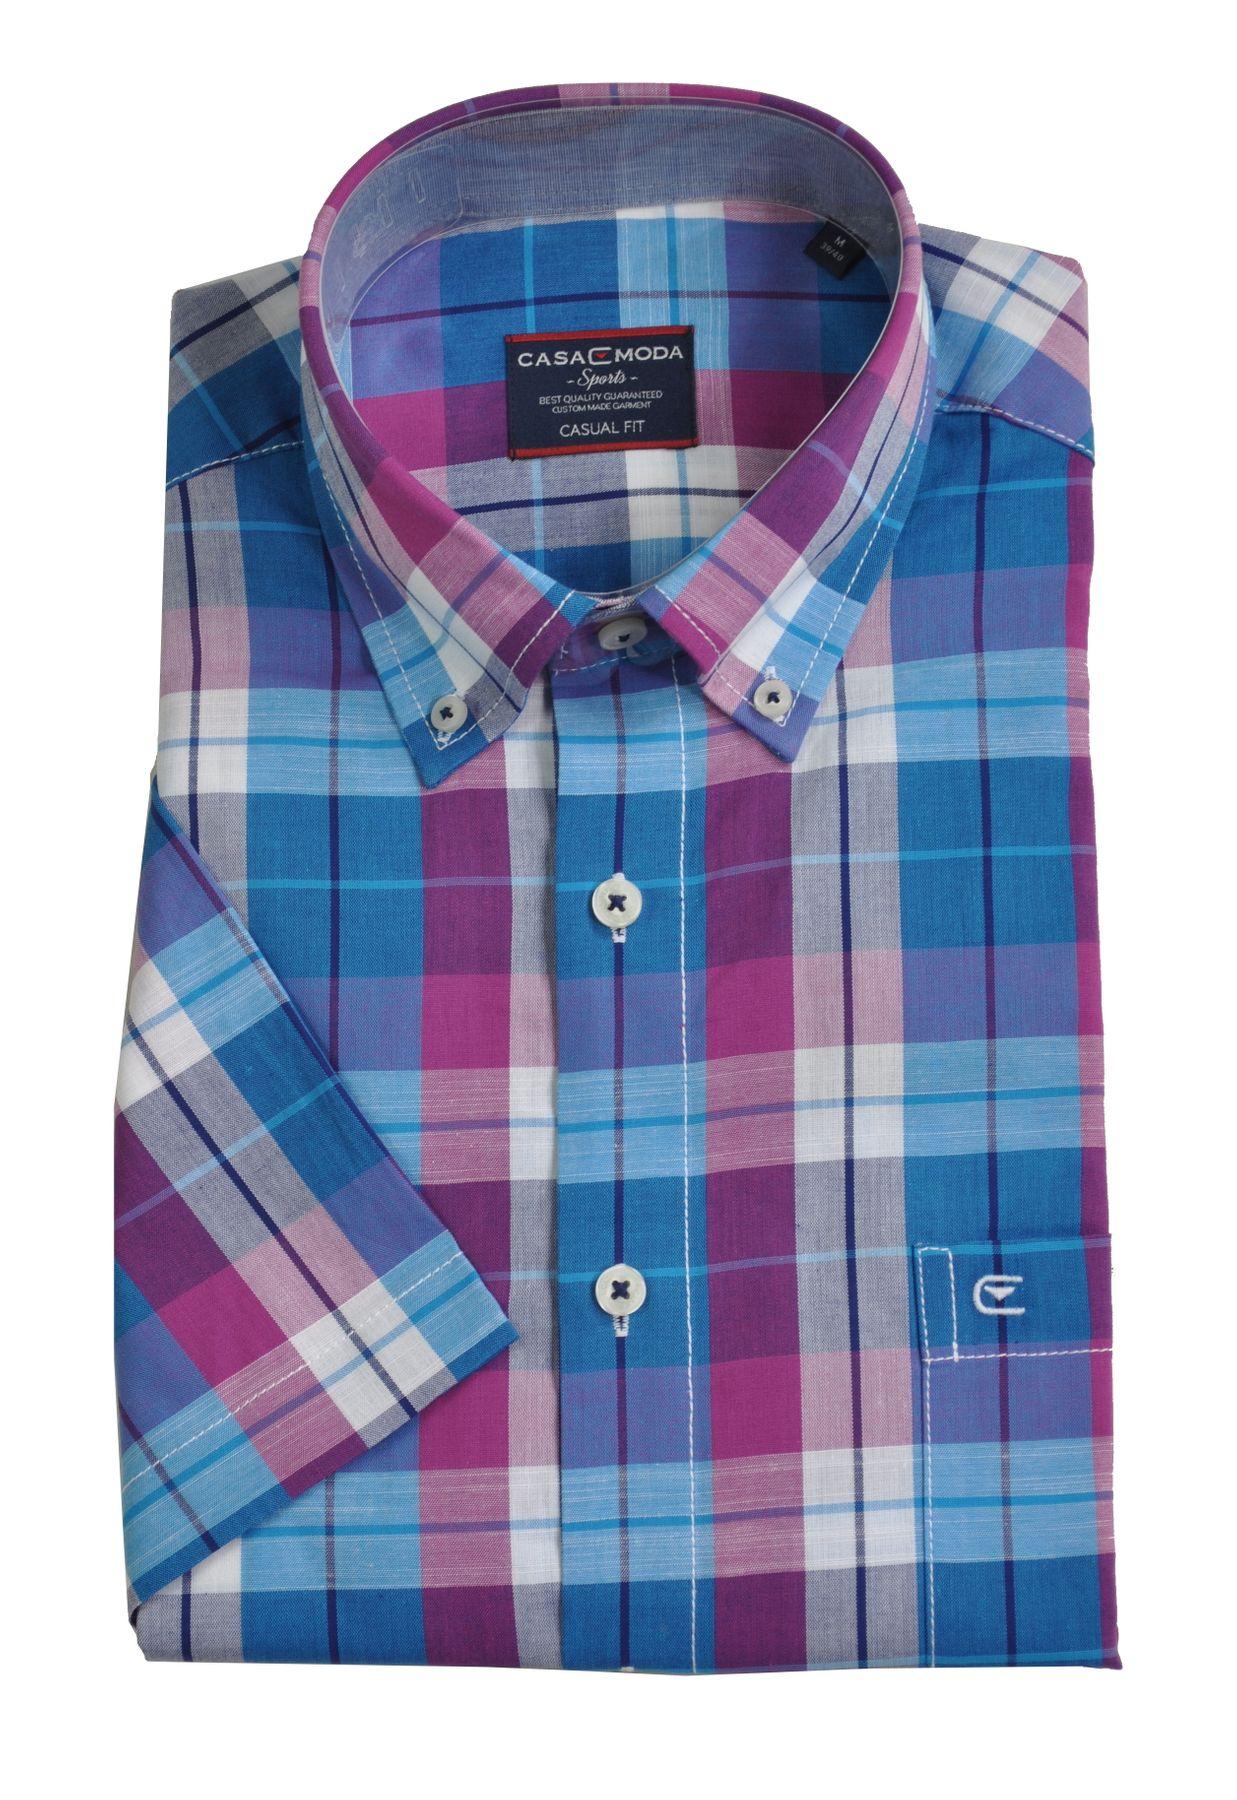 Casa Moda - Casual Fit - Herren Freizeit 1/2-Arm-Hemd in verschiedenen Farben mit Button-Down-Kragen (983079000) – Bild 3